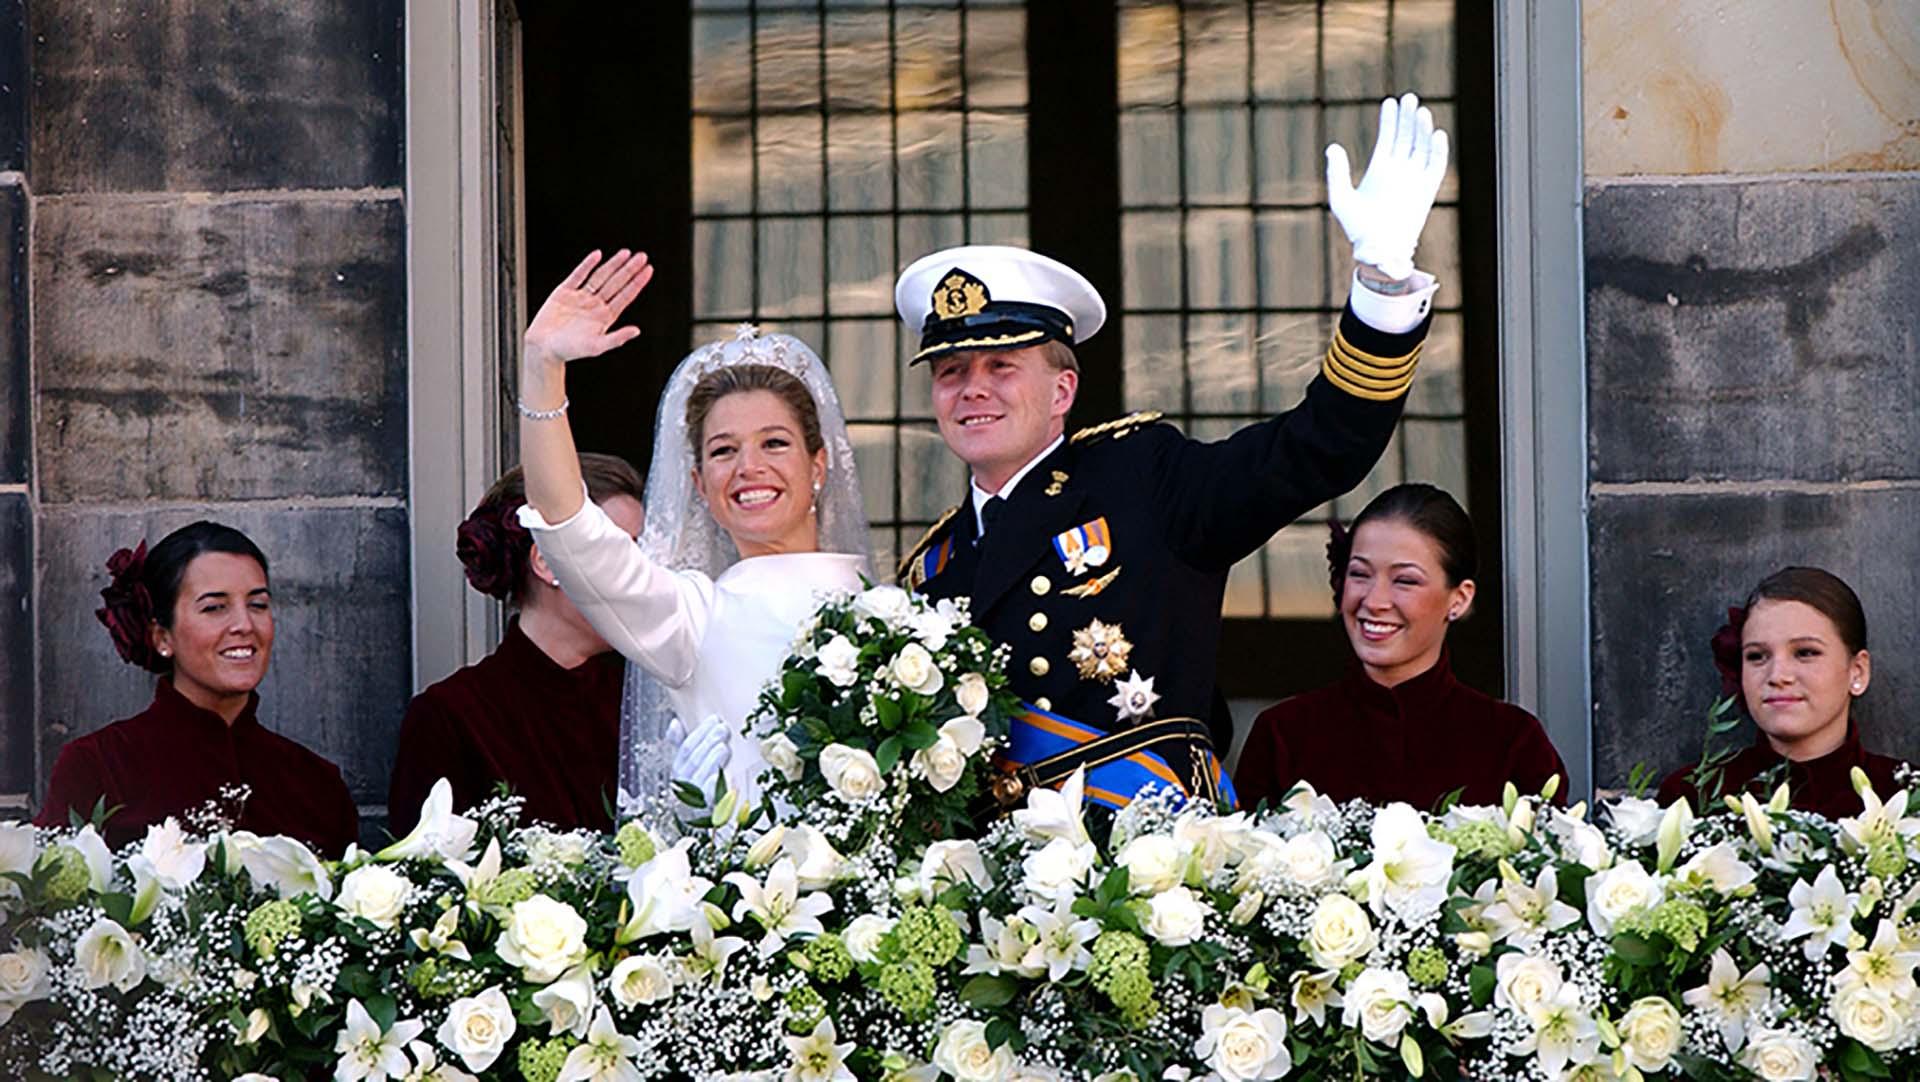 En el balcón Máxima, ya princesa, saluda al pueblo de Holanda. Inés (la última a la derecha) cumplió perfectamente su papel y sorprendió a los miembros de la corona